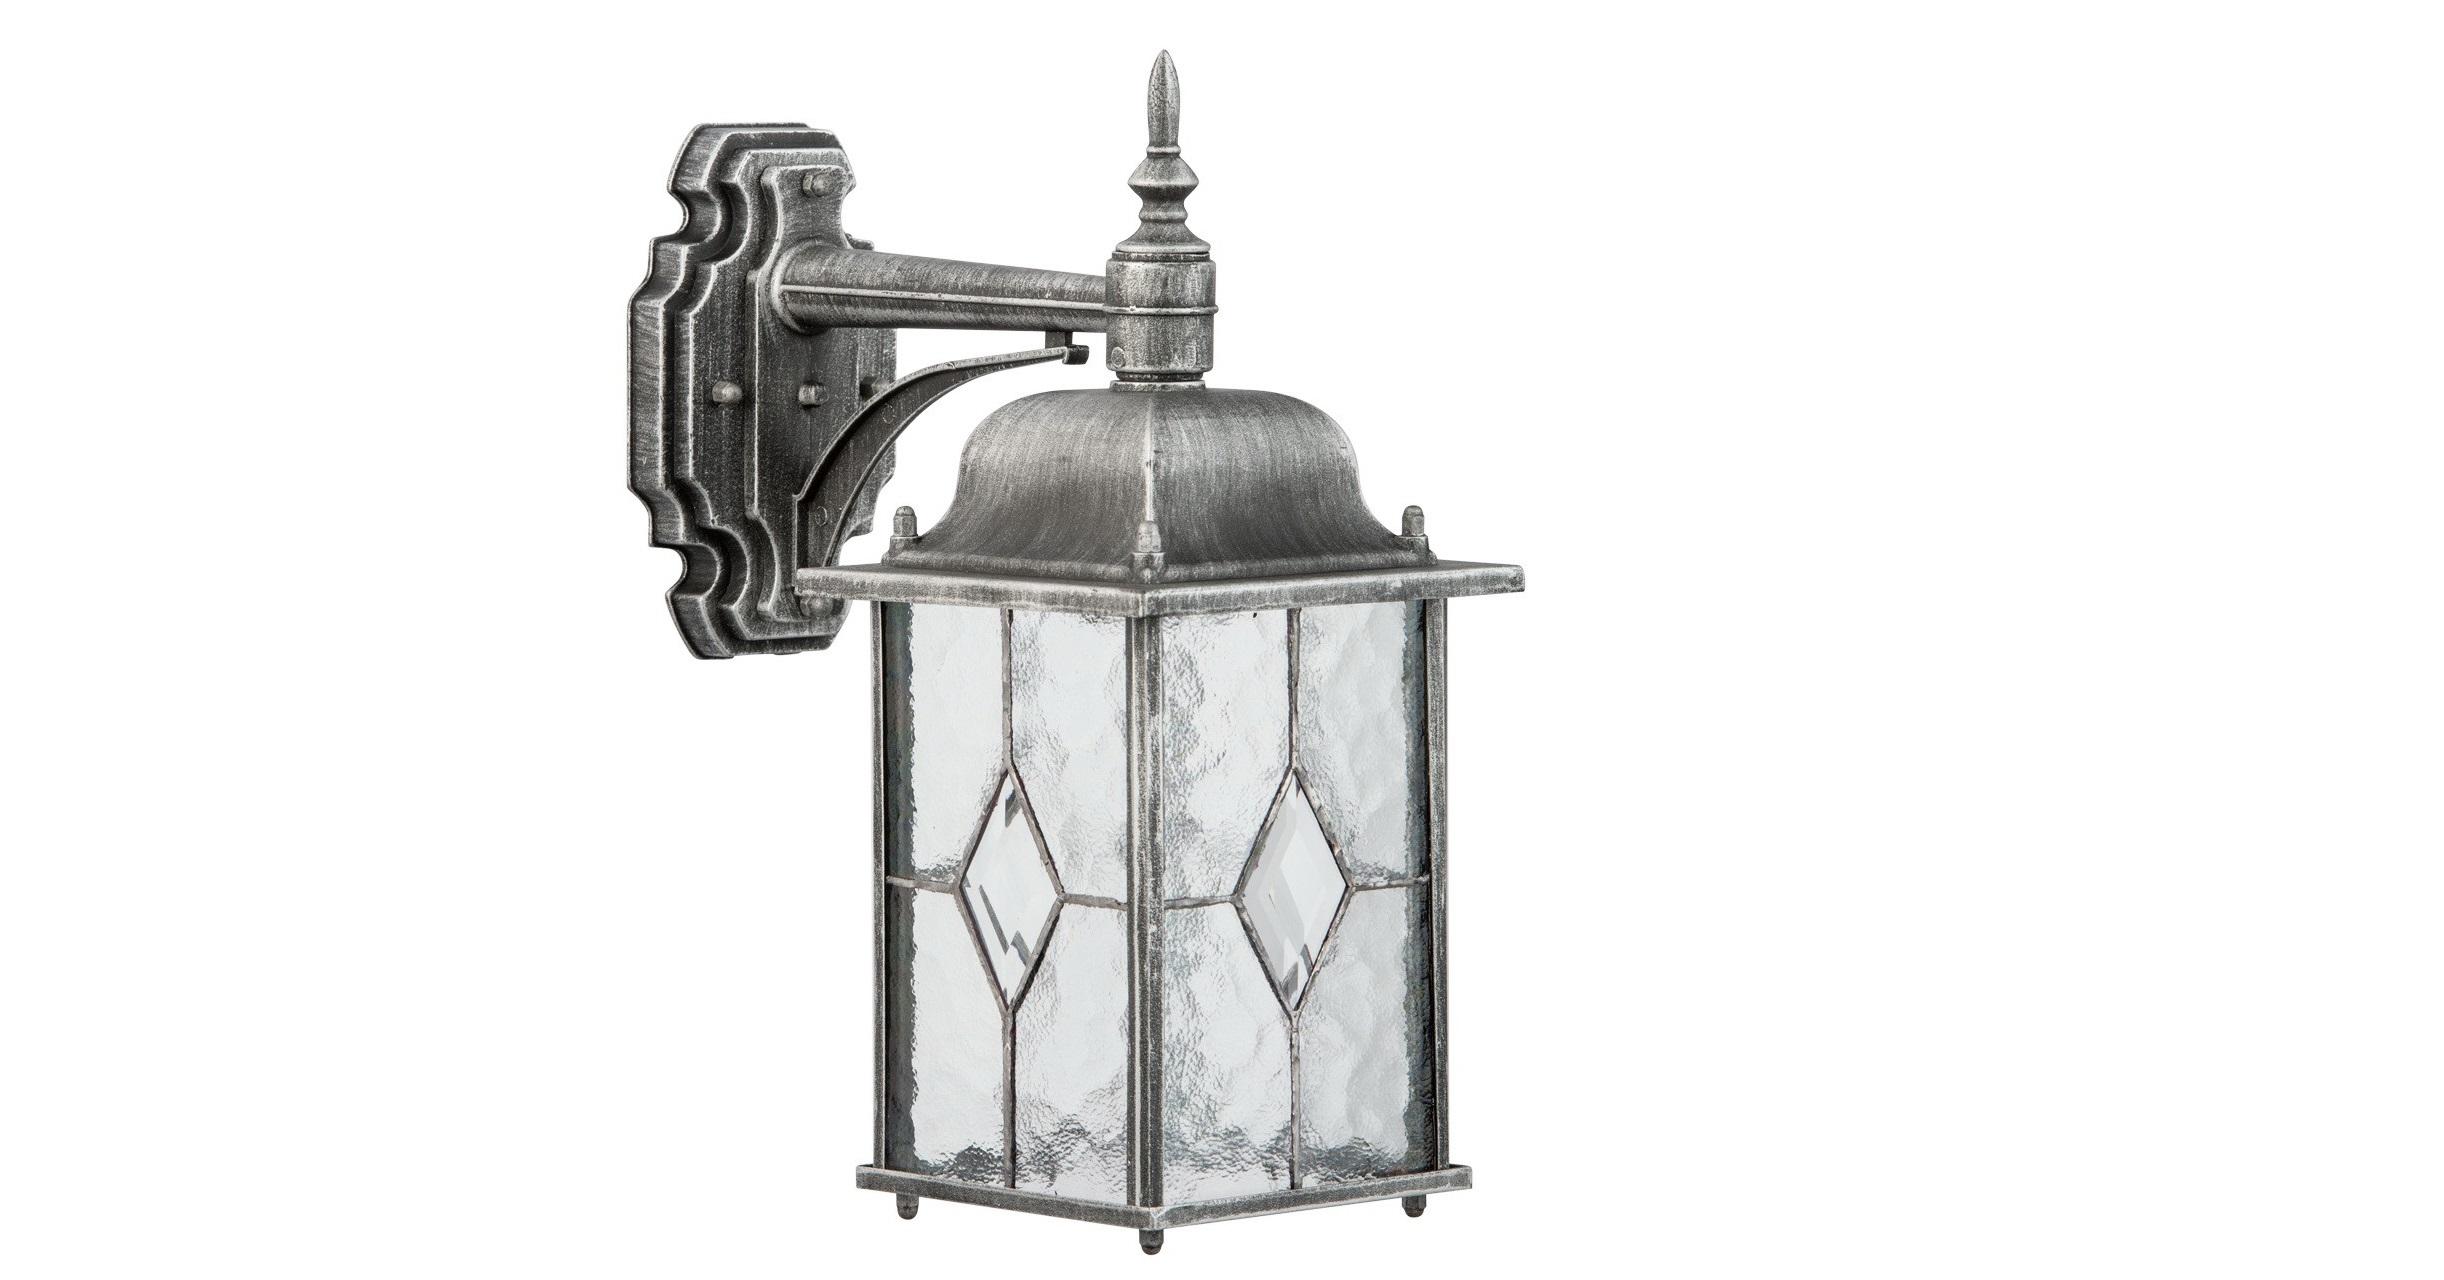 Уличный светильник БургосУличные настенные светильники<br>&amp;lt;div&amp;gt;Оригинальное витражное стекло в коллекции Бургос красиво преломляет лучи света, тем самым достойно украшая конструкцию светильников. Контуры алюминиевого литого основания чёрного цвета декорированы модной серебряной патиной. Благодаря лёгкости металлической конструкции и интересному дизайну, светильник отлично впишется в экстерьер любого природного ландшафта.&amp;lt;/div&amp;gt;&amp;lt;div&amp;gt;Основание из литого алюминия черного цвета, декорированное серебряной патиной, плафоны &amp;amp;nbsp;- витражное стекло.&amp;lt;/div&amp;gt;&amp;lt;div&amp;gt;&amp;lt;br&amp;gt;&amp;lt;/div&amp;gt;&amp;lt;div&amp;gt;Мощность 1*95W&amp;lt;/div&amp;gt;&amp;lt;div&amp;gt;Цоколь E27&amp;lt;/div&amp;gt;&amp;lt;div&amp;gt;Рабочее напряжение 220 V&amp;lt;/div&amp;gt;&amp;lt;div&amp;gt;Степень защиты светильников от пыли и влаги&amp;amp;nbsp;IP44&amp;lt;/div&amp;gt;<br><br>Material: Алюминий<br>Ширина см: 16<br>Высота см: 35<br>Глубина см: 29